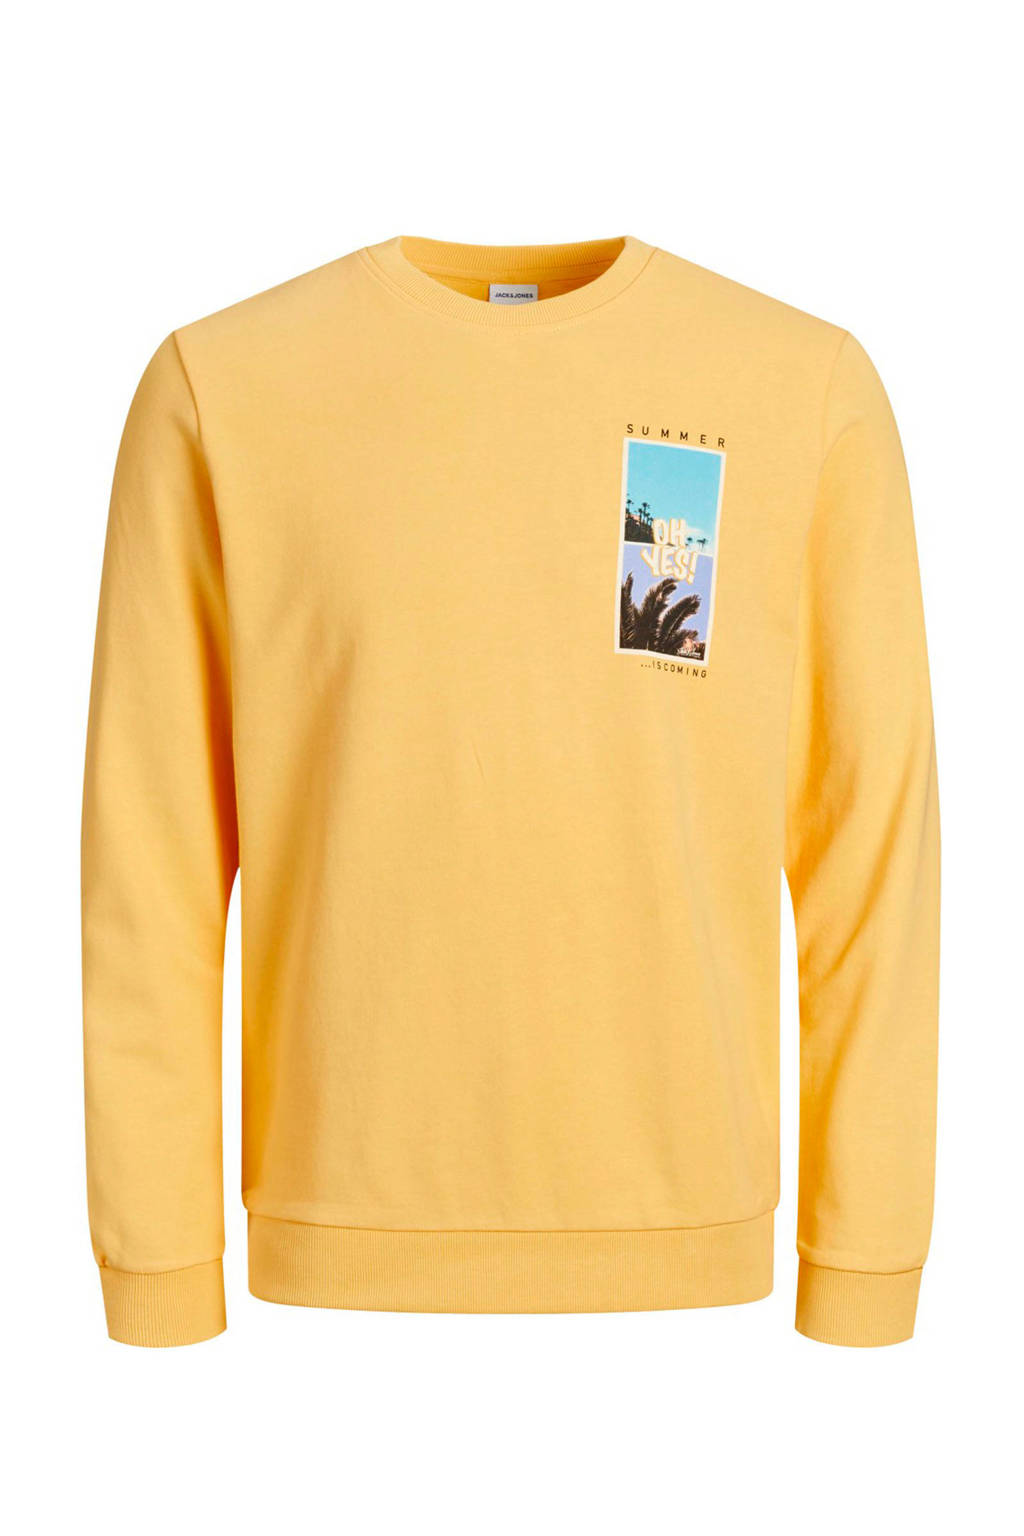 JACK & JONES ORIGINALS sweater met printopdruk geel, Geel